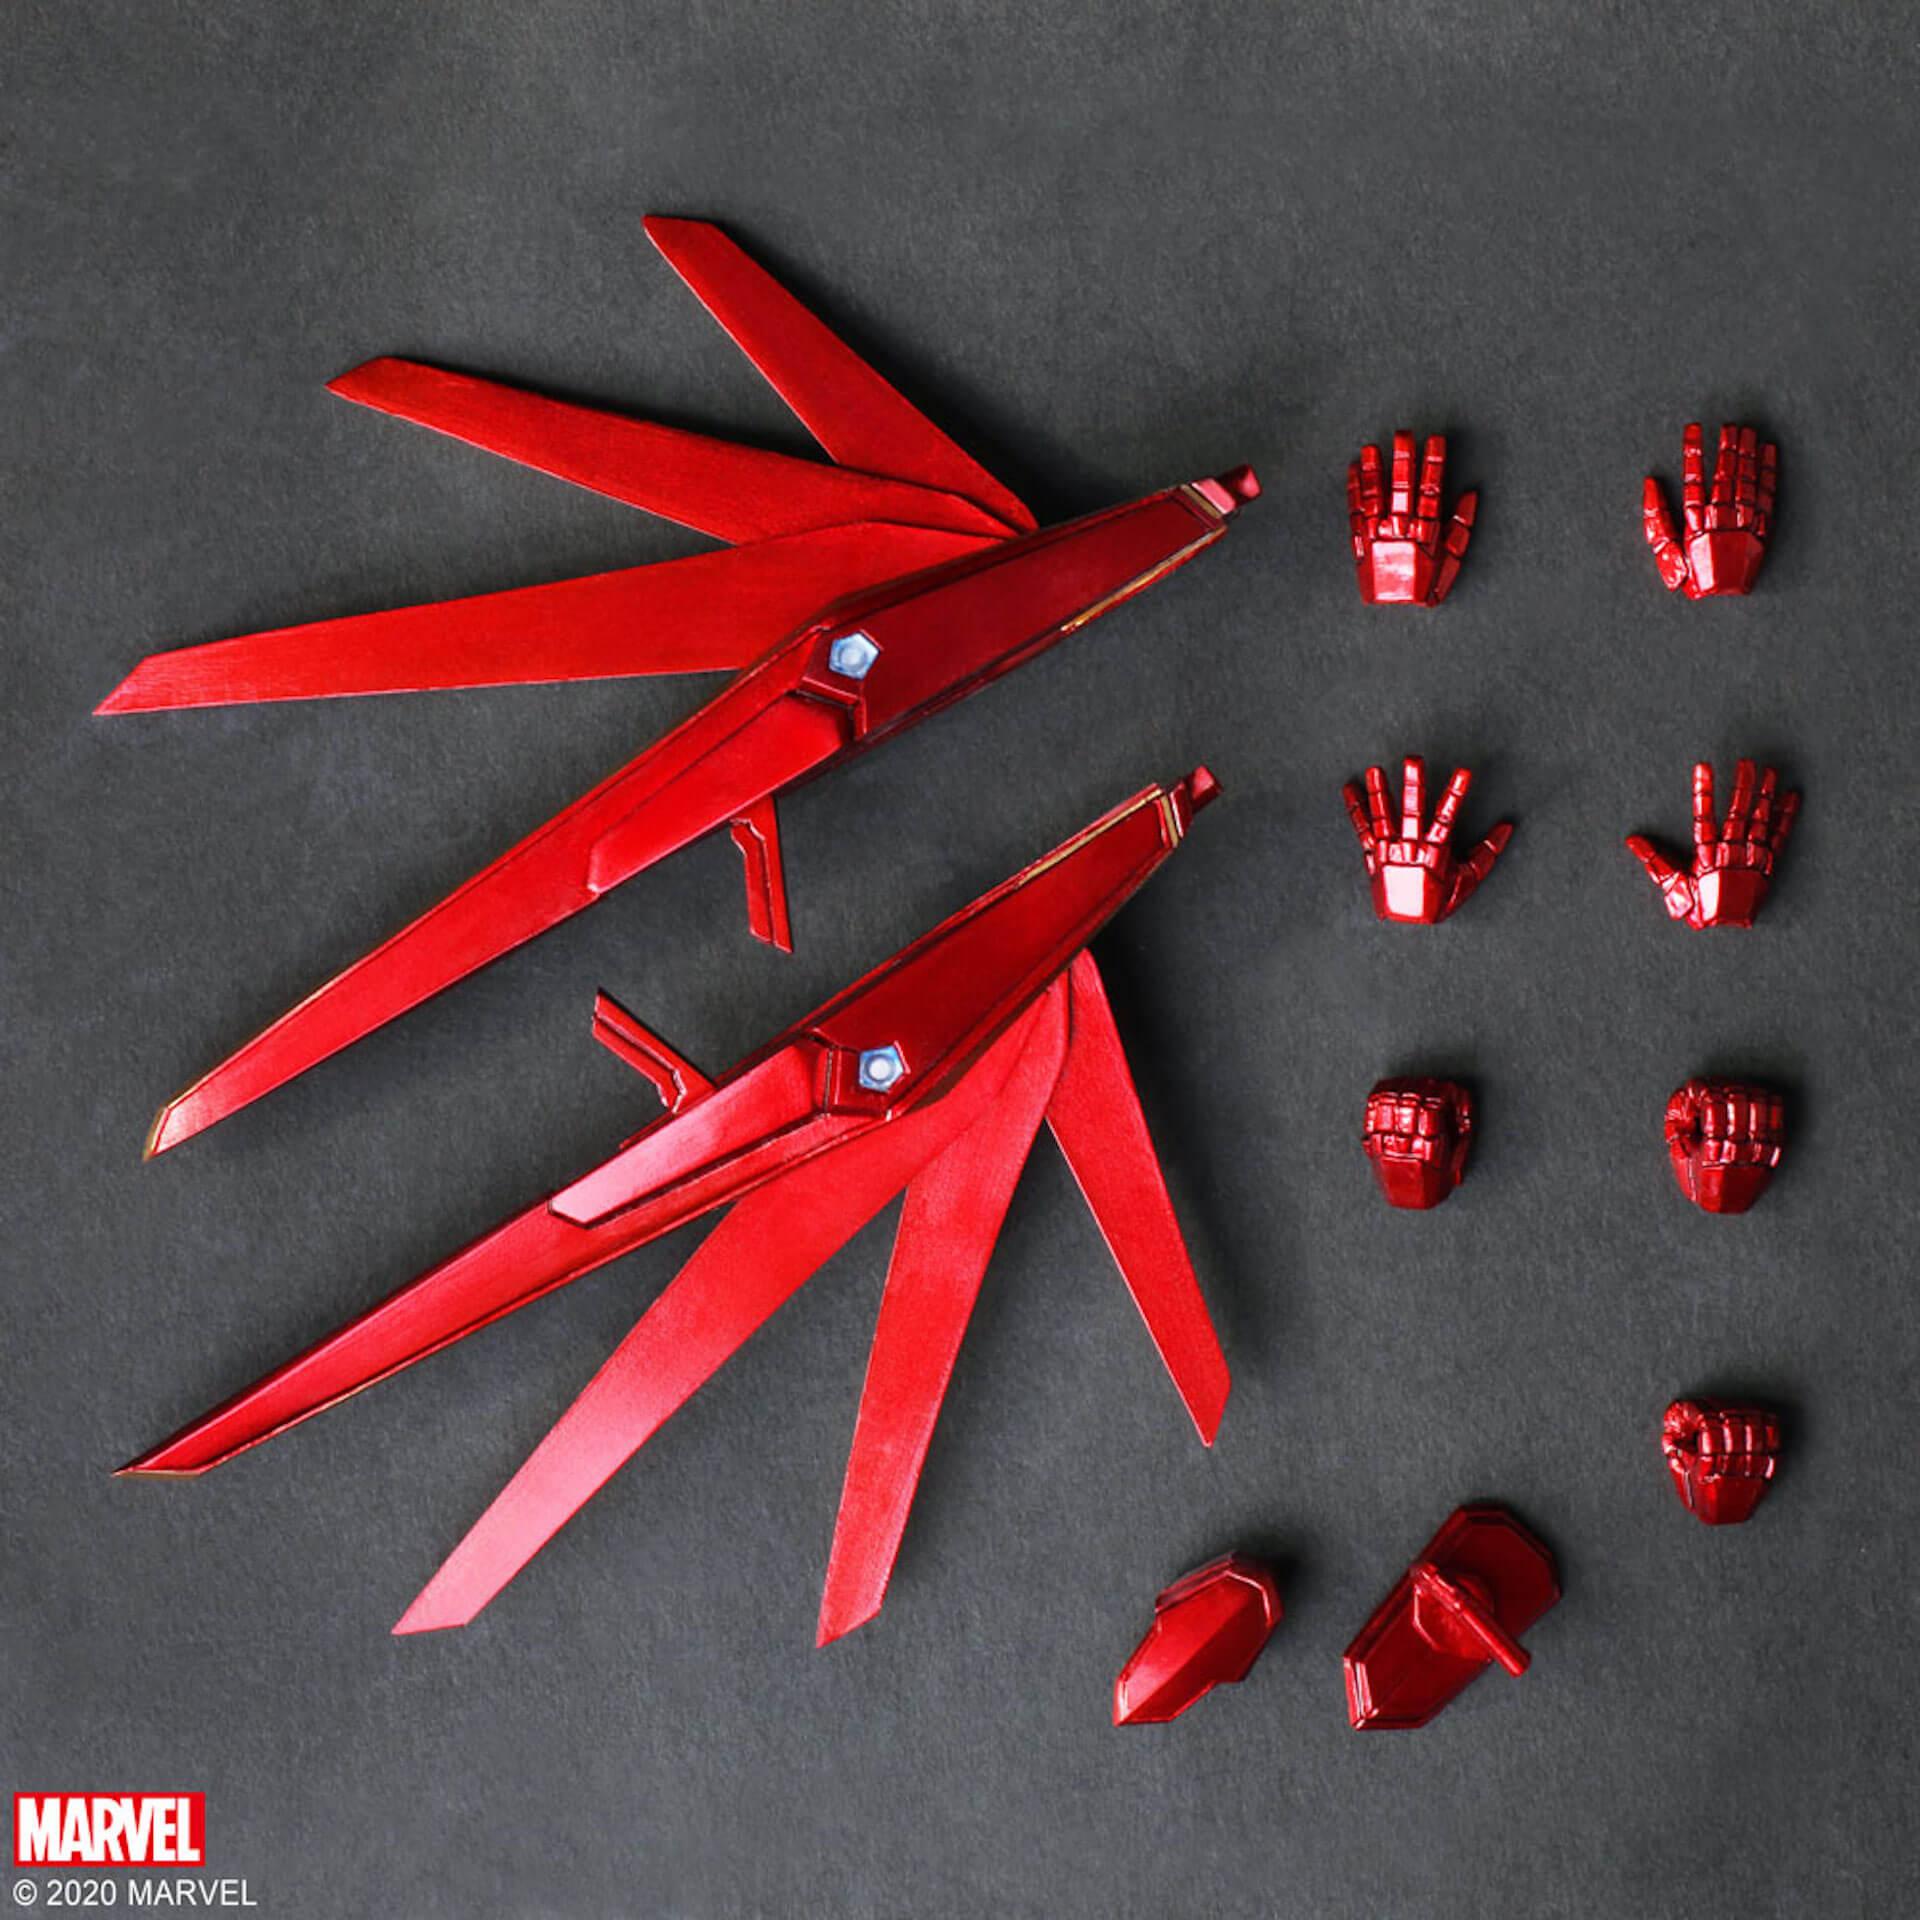 野村哲也デザインの『アイアンマン』『キャプテン・アメリカ』『スパイダーマン』フィギュアがスクウェア・エニックスのオンラインサイトで予約受付中! ac200702_marvel_nomuratesuya_08